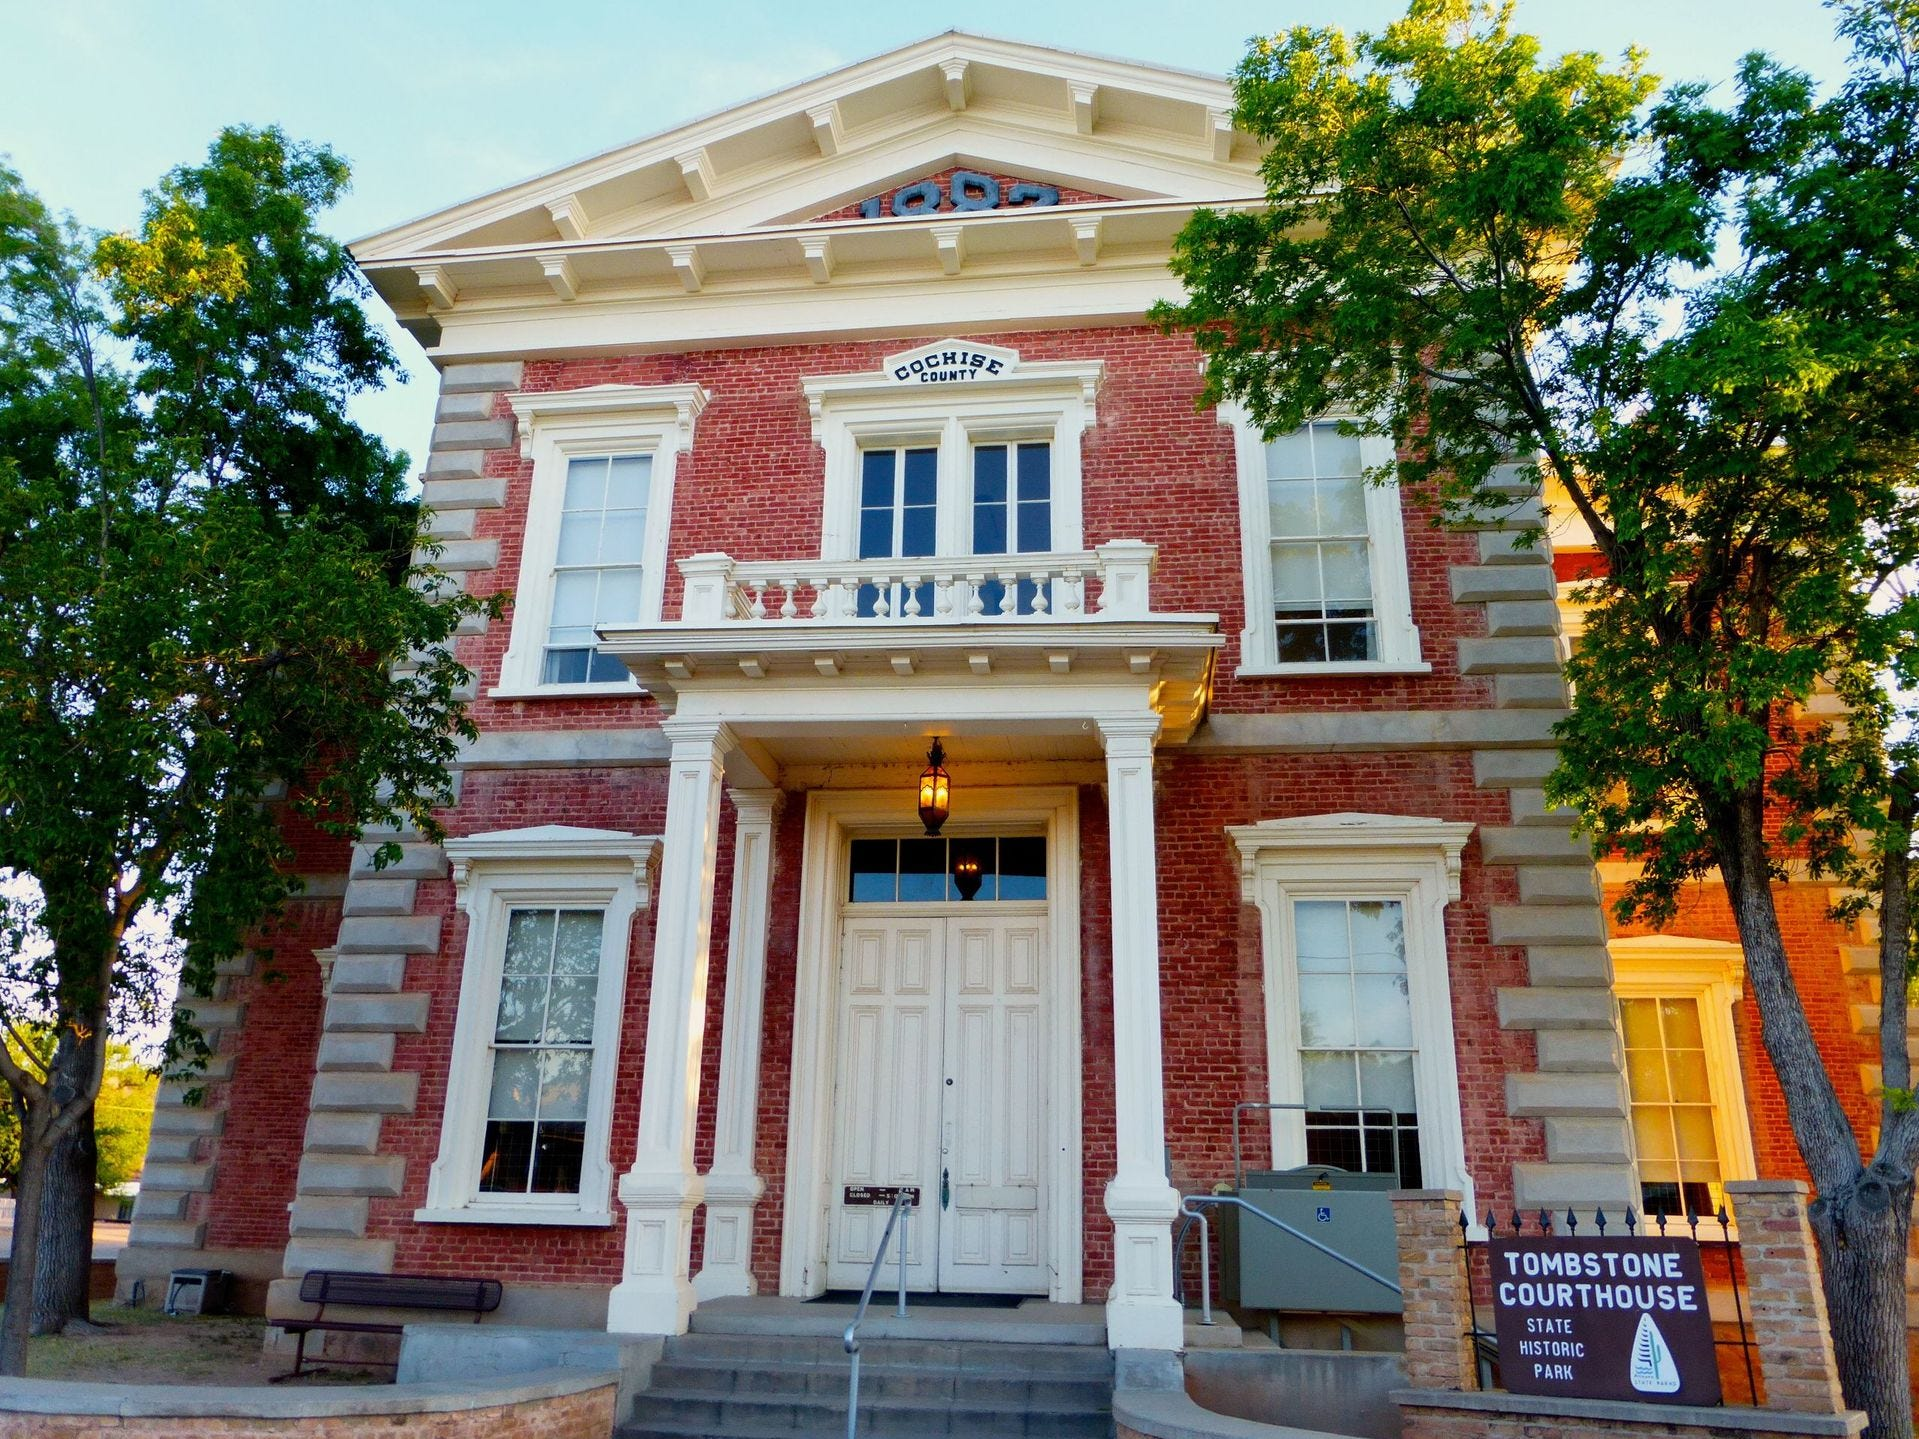 Una nueva colección de recuerdos de Wyatt Earp está en exhibición en el Tombstone Courthouse Historic State Park.